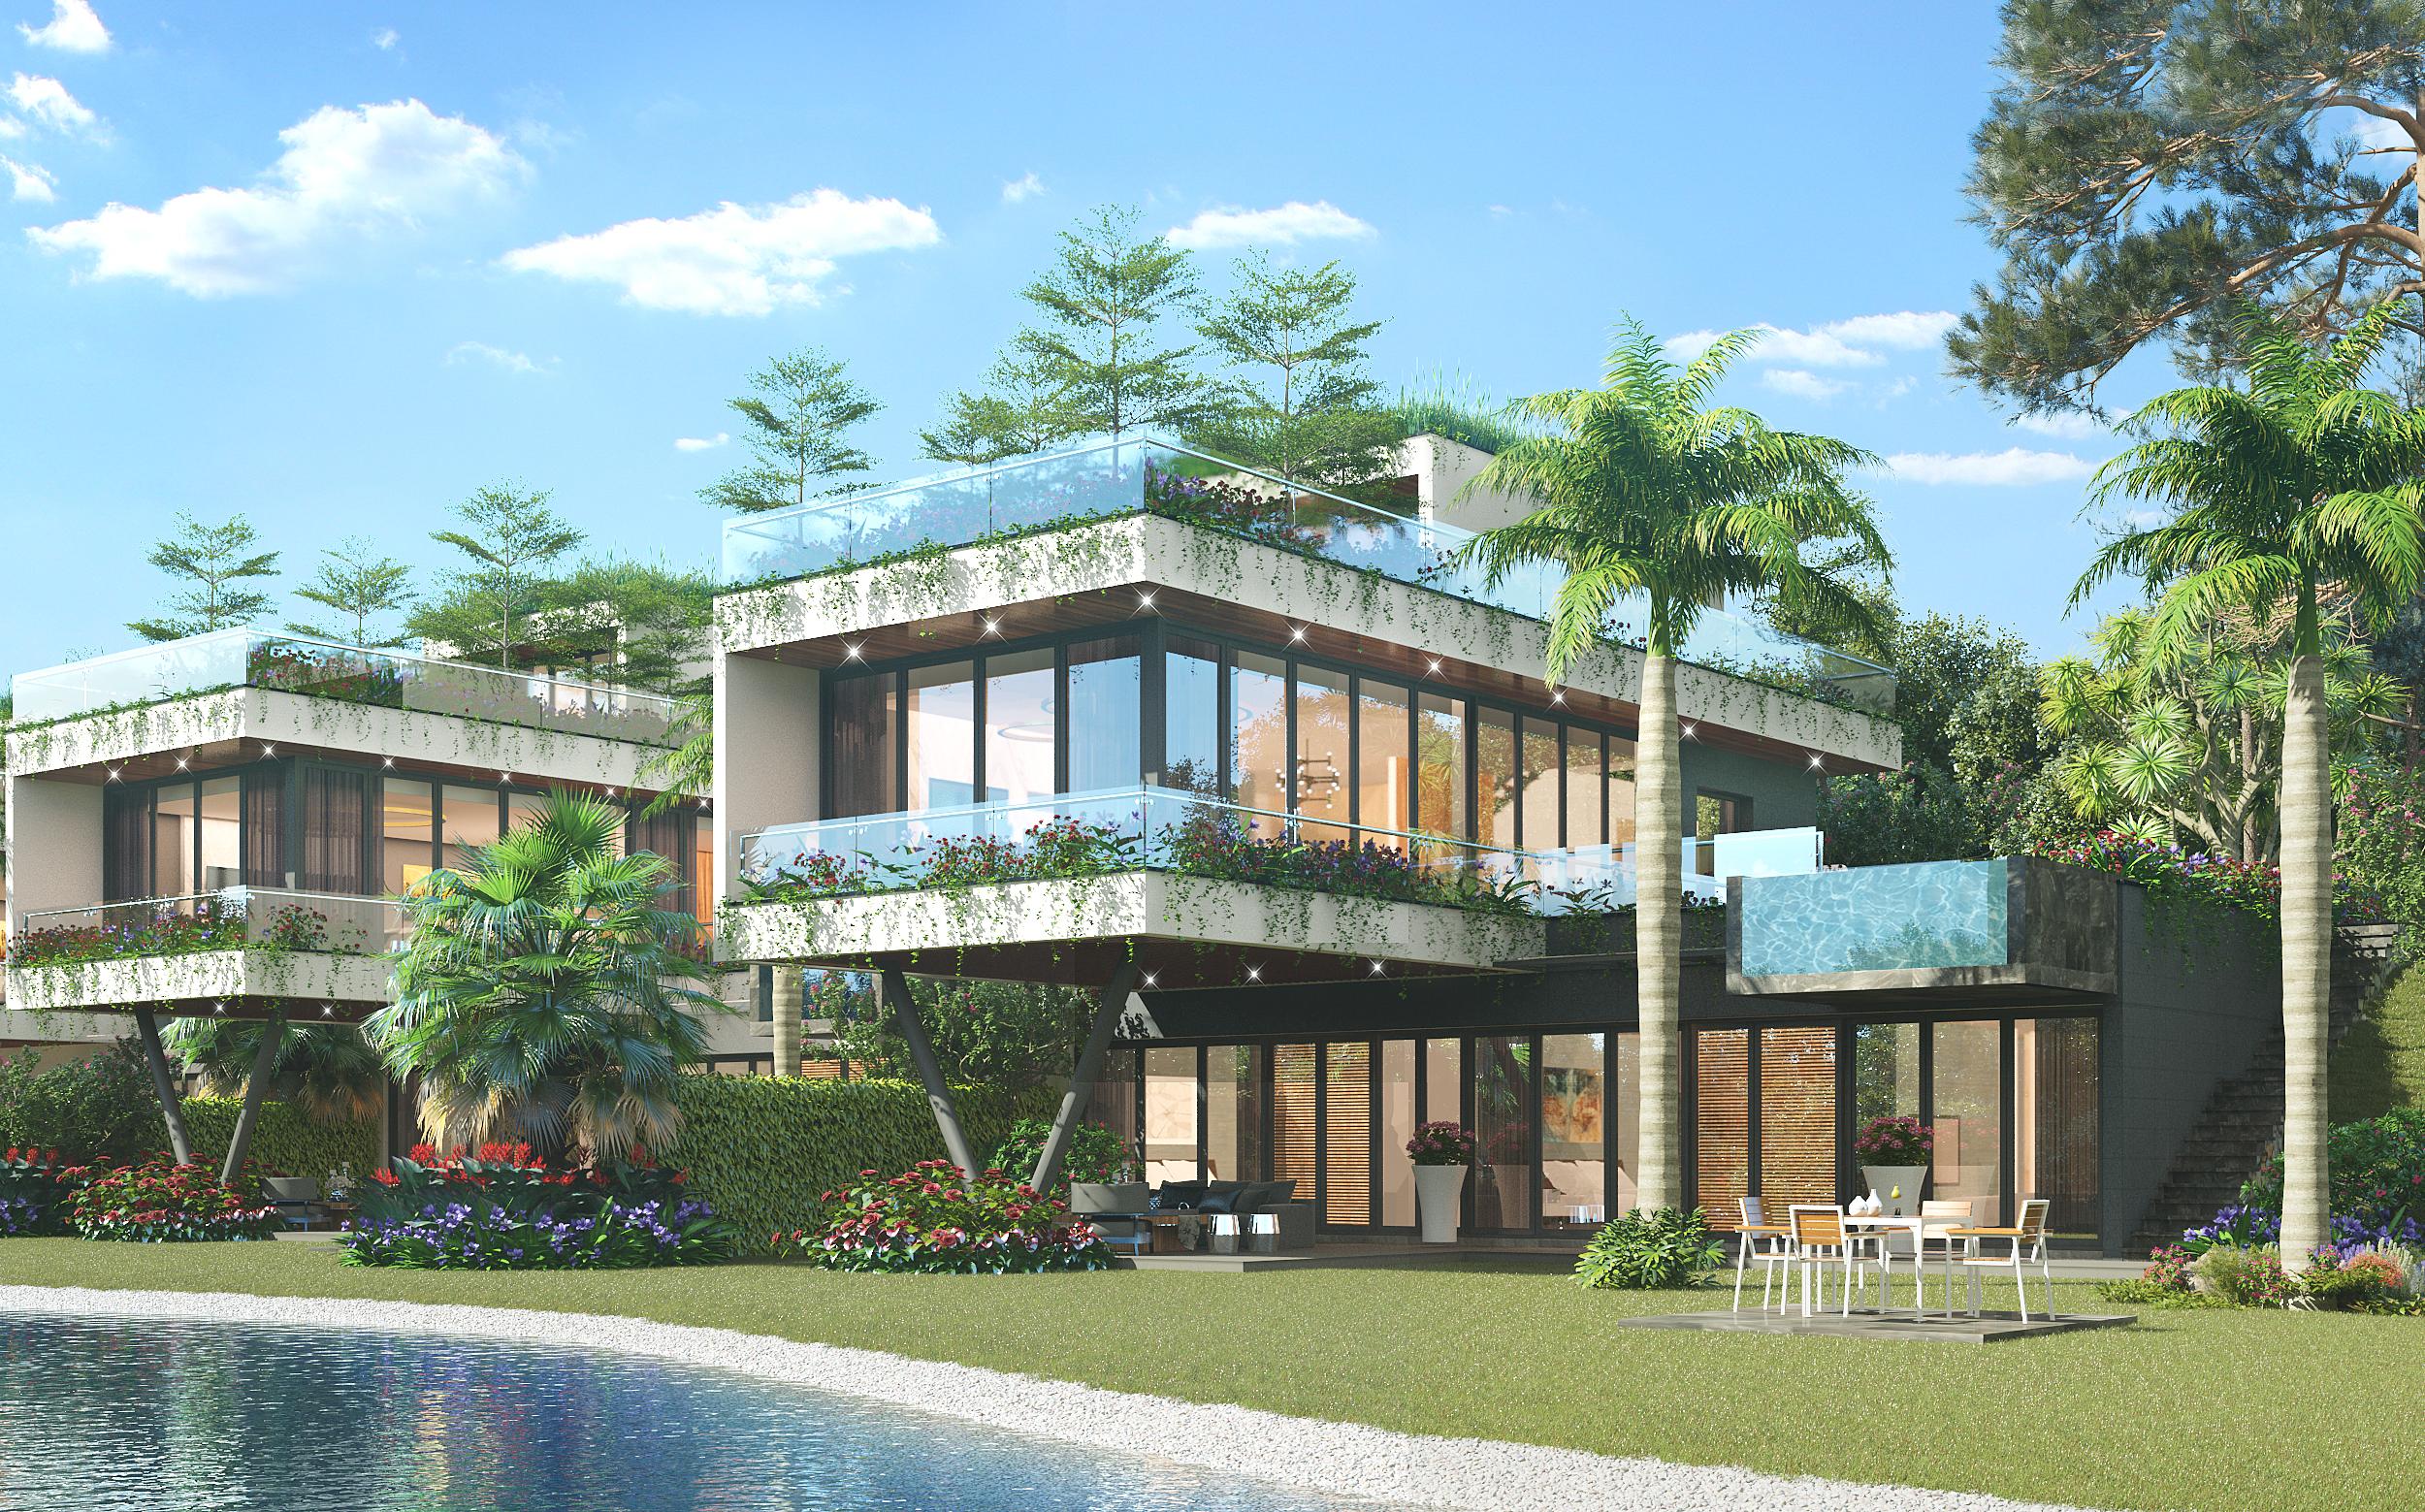 Thiết kế mặt sau biệt thự đơn lập the legend villas flamingo đại lải